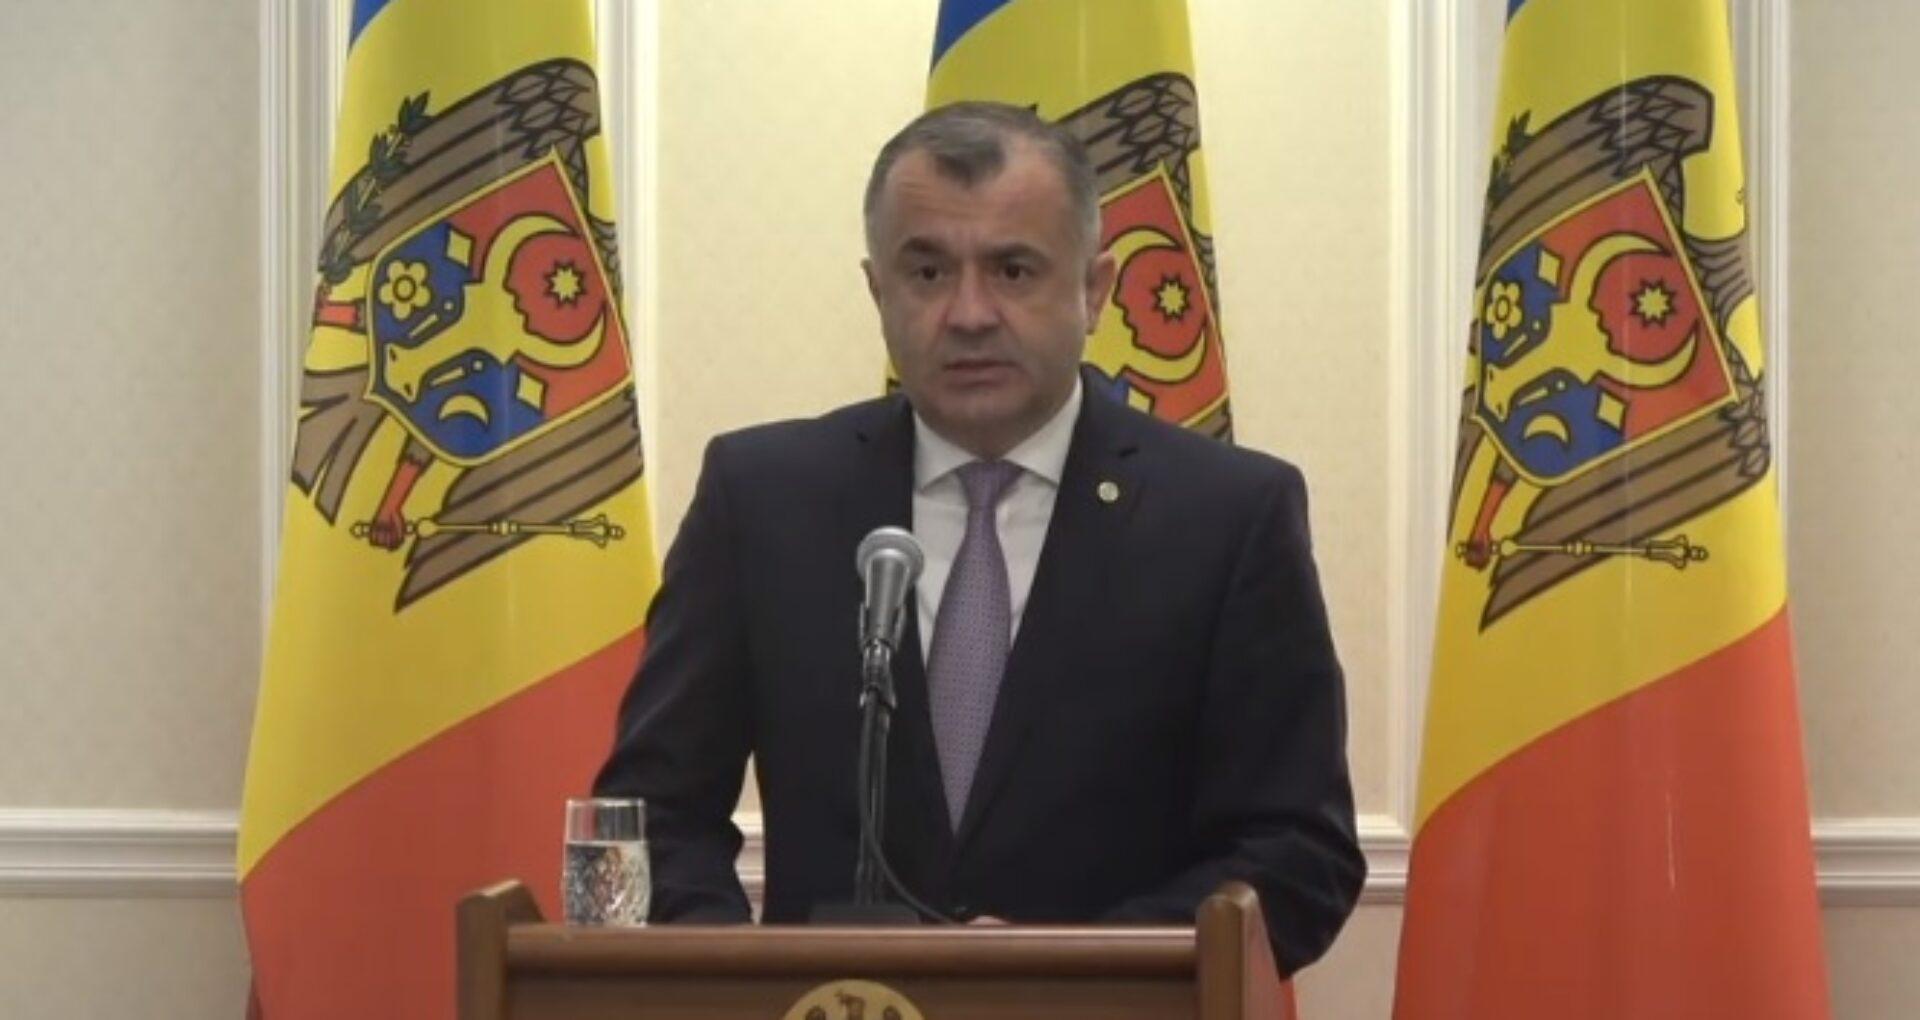 """Video/ Declarații după ședința """"conducerii de vârf a țării"""". Premierul Chicu: """"Guvernul va acorda tot suportul necesar pentru desfășurarea alegerilor"""""""